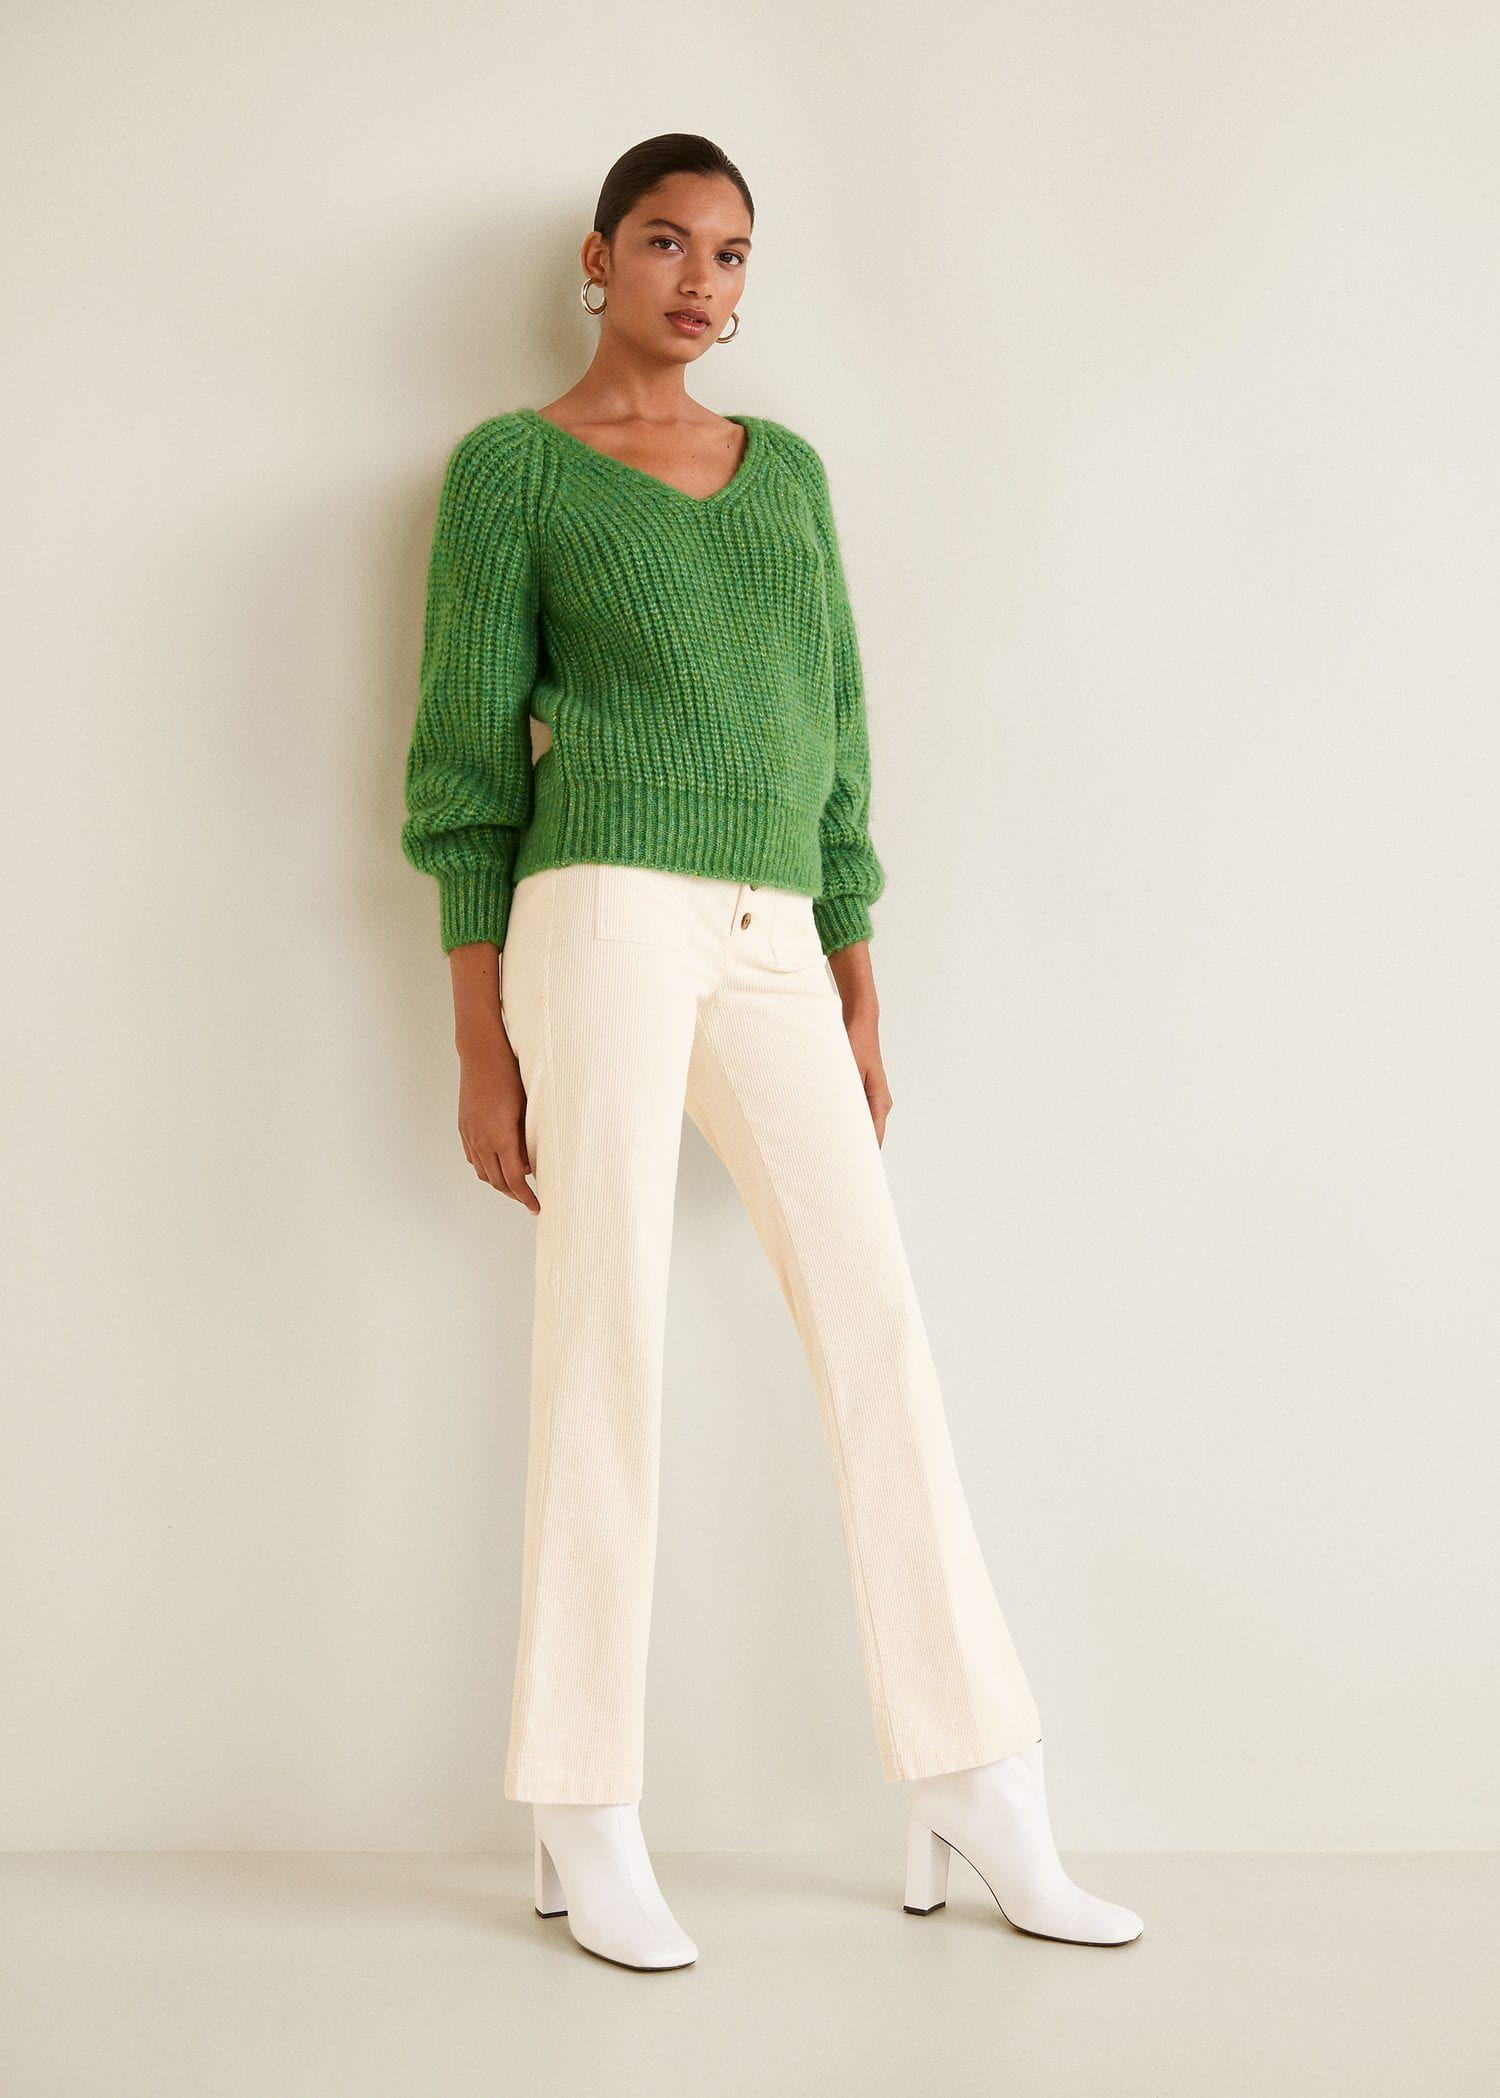 Jersey punto grueso verde Mango. Vaqueros y botas blancas ae080f78815af